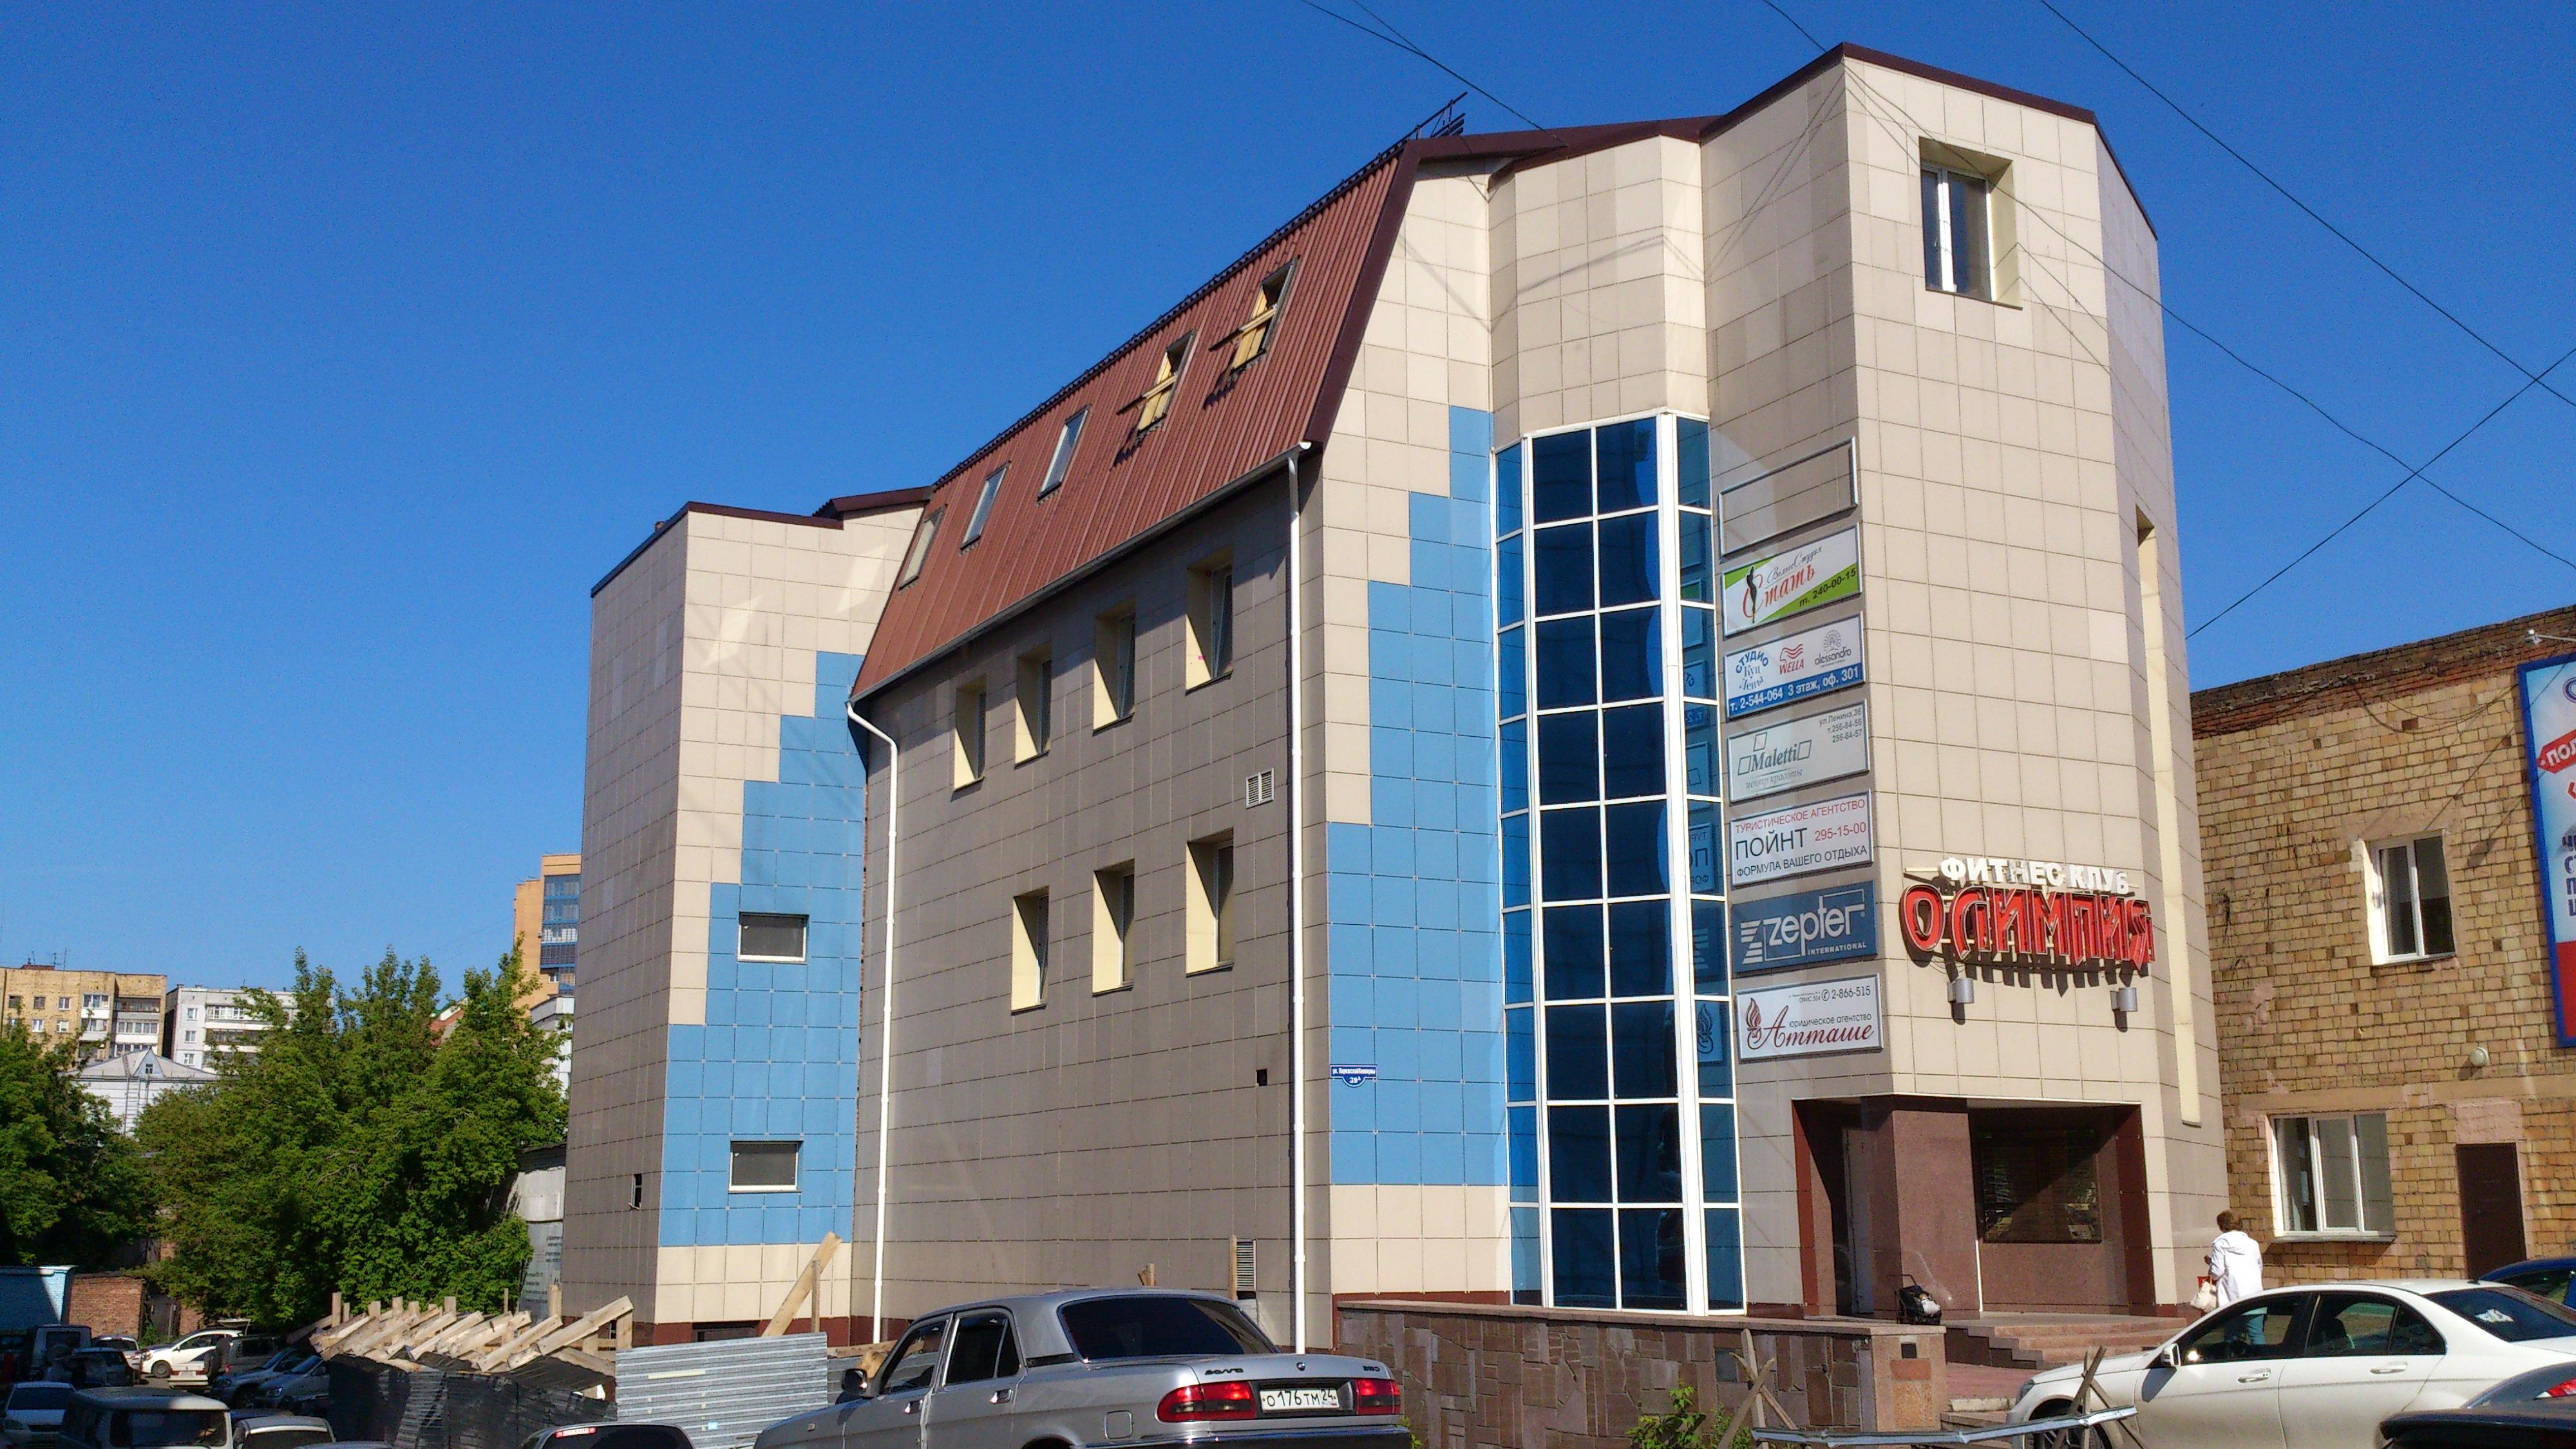 Красноярск фитнес клуб Олимпия. 28.06.2013 года